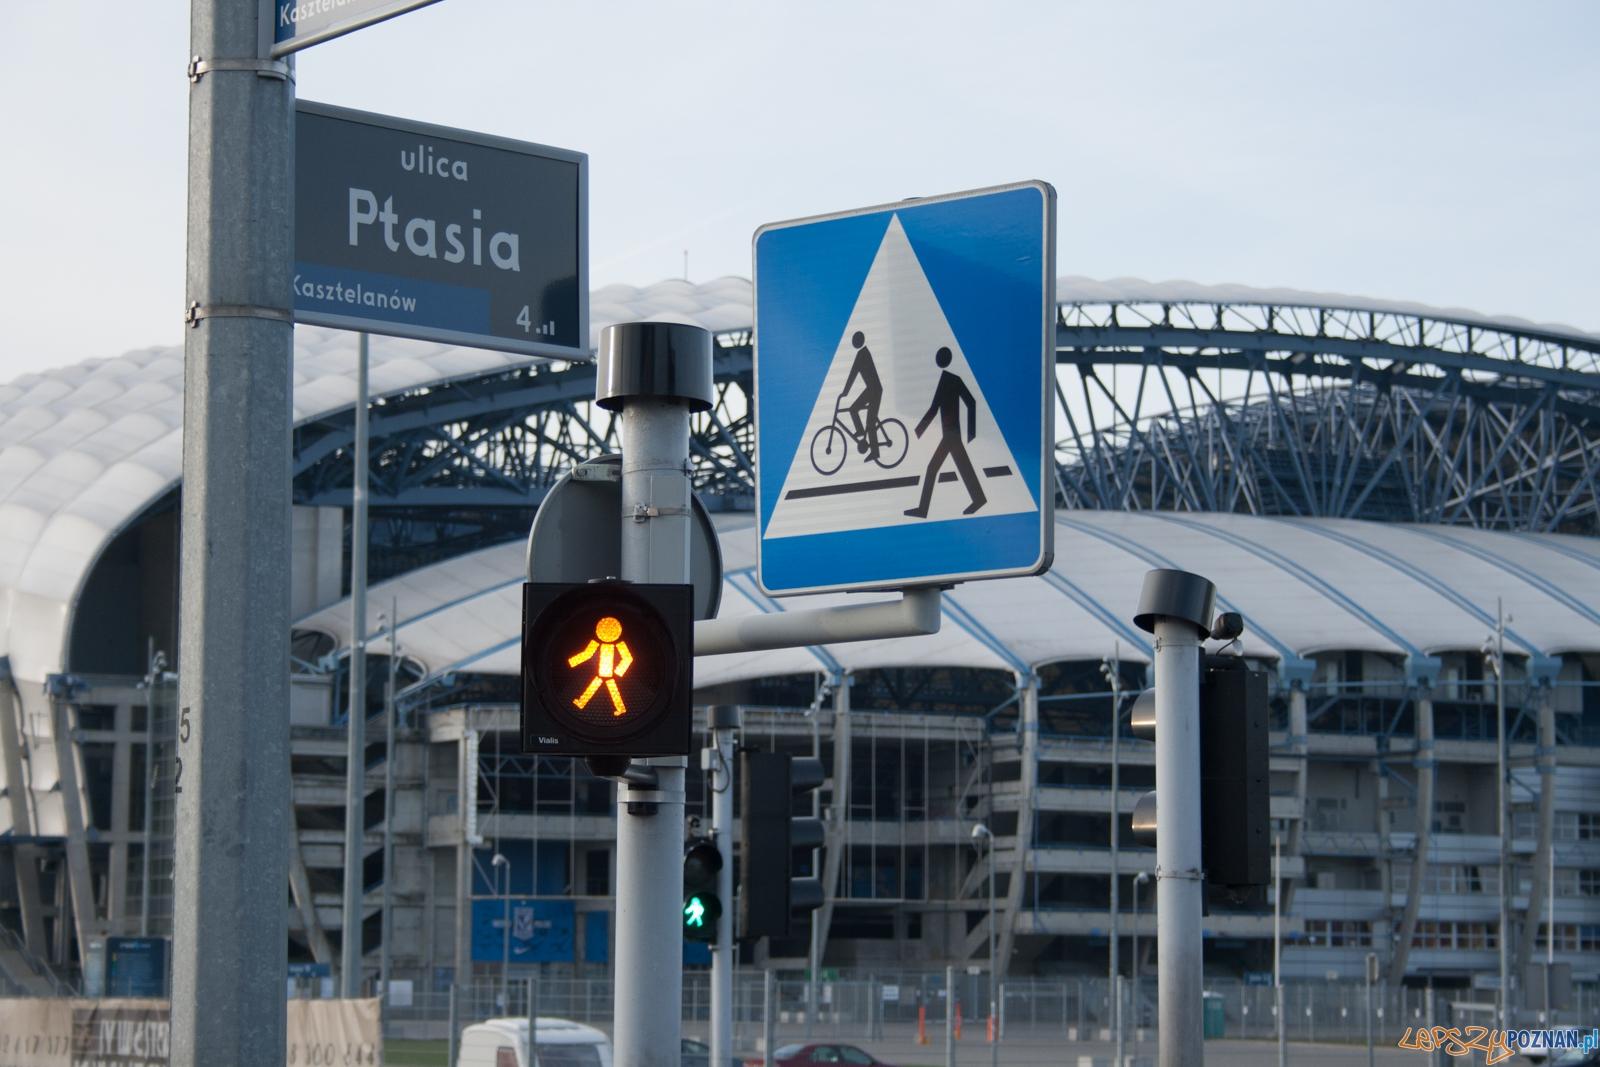 Przejście dla pieszych przy Inea Stadionie  Foto: © lepszyPOZNAN.pl / Karolina Kiraga